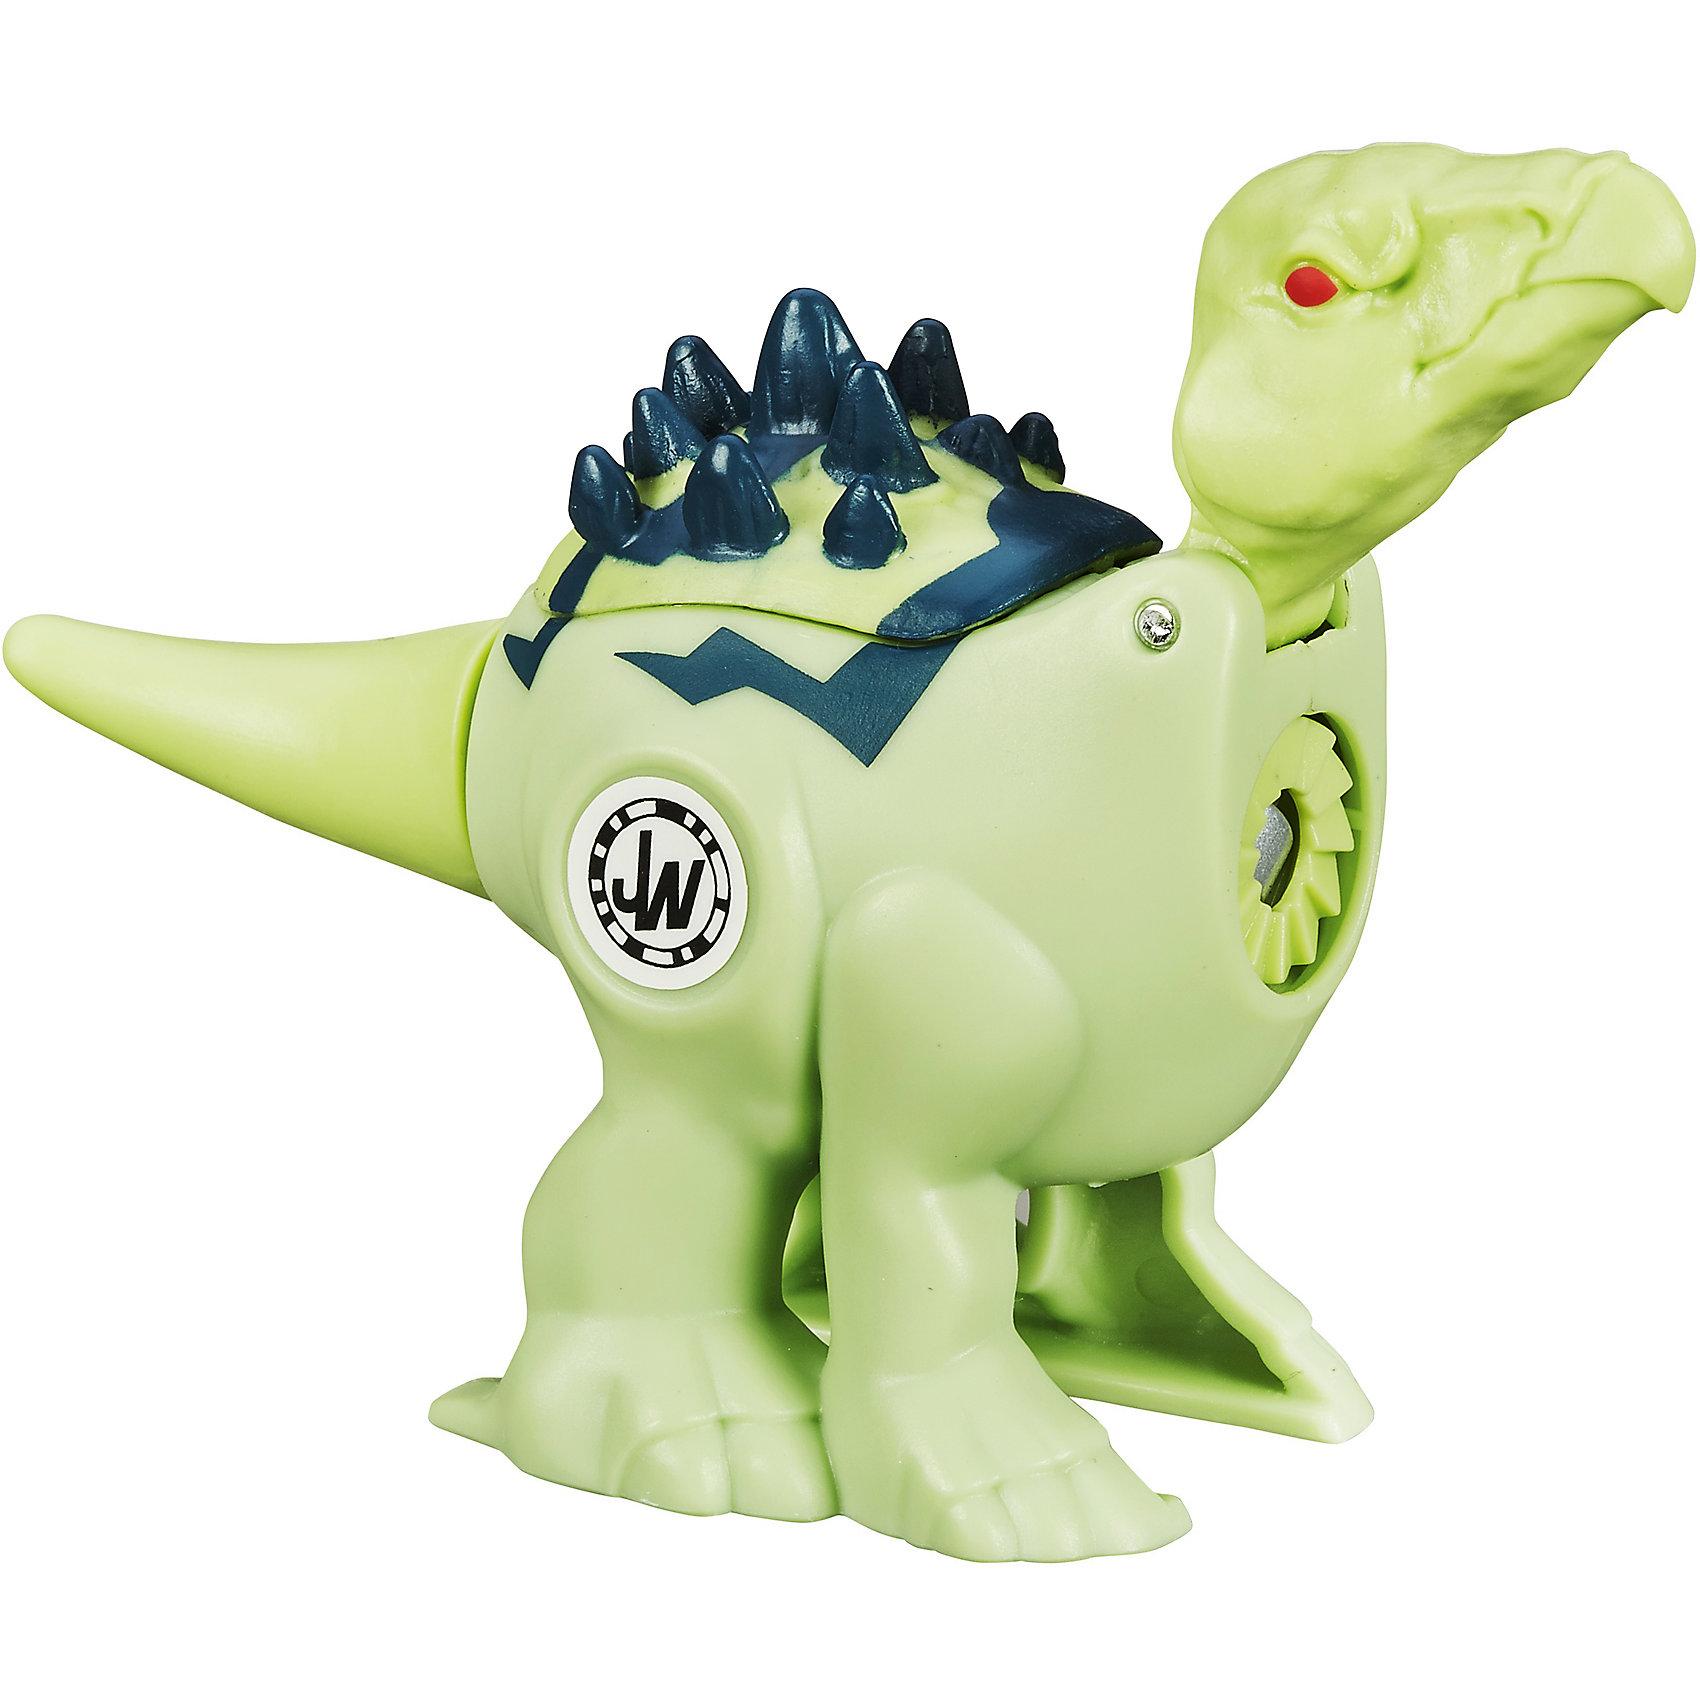 Динозавр-драчун Стегозавр, Мир Юрского ПериодаДраконы и динозавры<br>Динозавры-драчуны могут драться между собой! Поверни хвост и натрави одного доисторического монстра на другого! Запусти своего Динозавра-драчуна в бой и наблюдай за сражением.<br>Отсканируй код своего динозавра, чтобы добавить его в мобильное приложение Jurassic World (доступно для платформ Android и iOS) и продолжай битвы в нем!<br>Собери их все, чтобы выявить сильнейшего!<br><br>Дополнительная информация:<br><br>Длина с хвостом приблизительно 10-11 см. <br>Материал: пластик<br><br>Динозавра-драчуна Стегозавра, Мир Юрского Периода можно купить в нашем магазине.<br><br>Ширина мм: 156<br>Глубина мм: 139<br>Высота мм: 32<br>Вес г: 64<br>Возраст от месяцев: 60<br>Возраст до месяцев: 120<br>Пол: Мужской<br>Возраст: Детский<br>SKU: 4163220